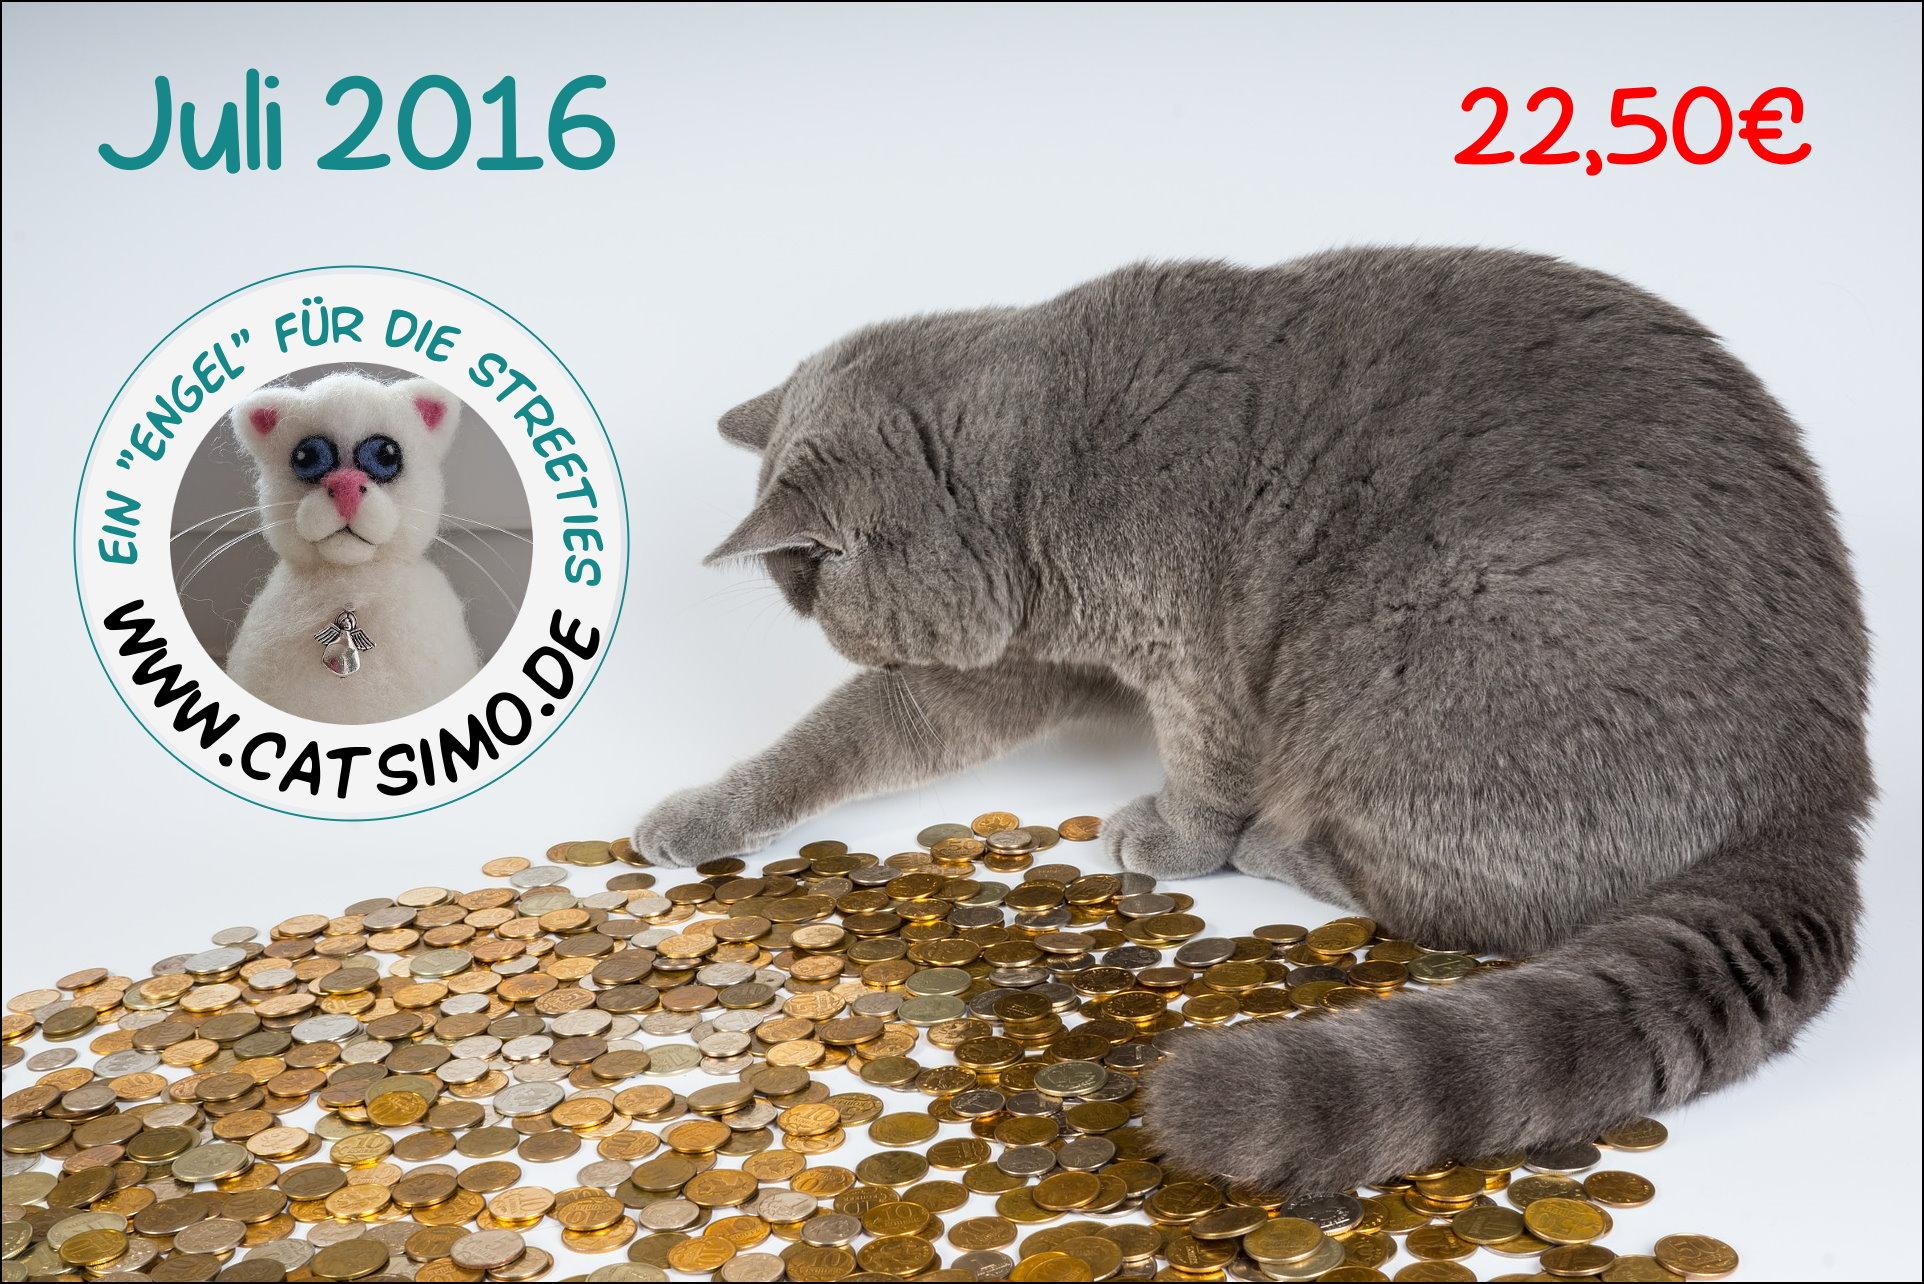 CatSiMo Tierschutz Juli 2016